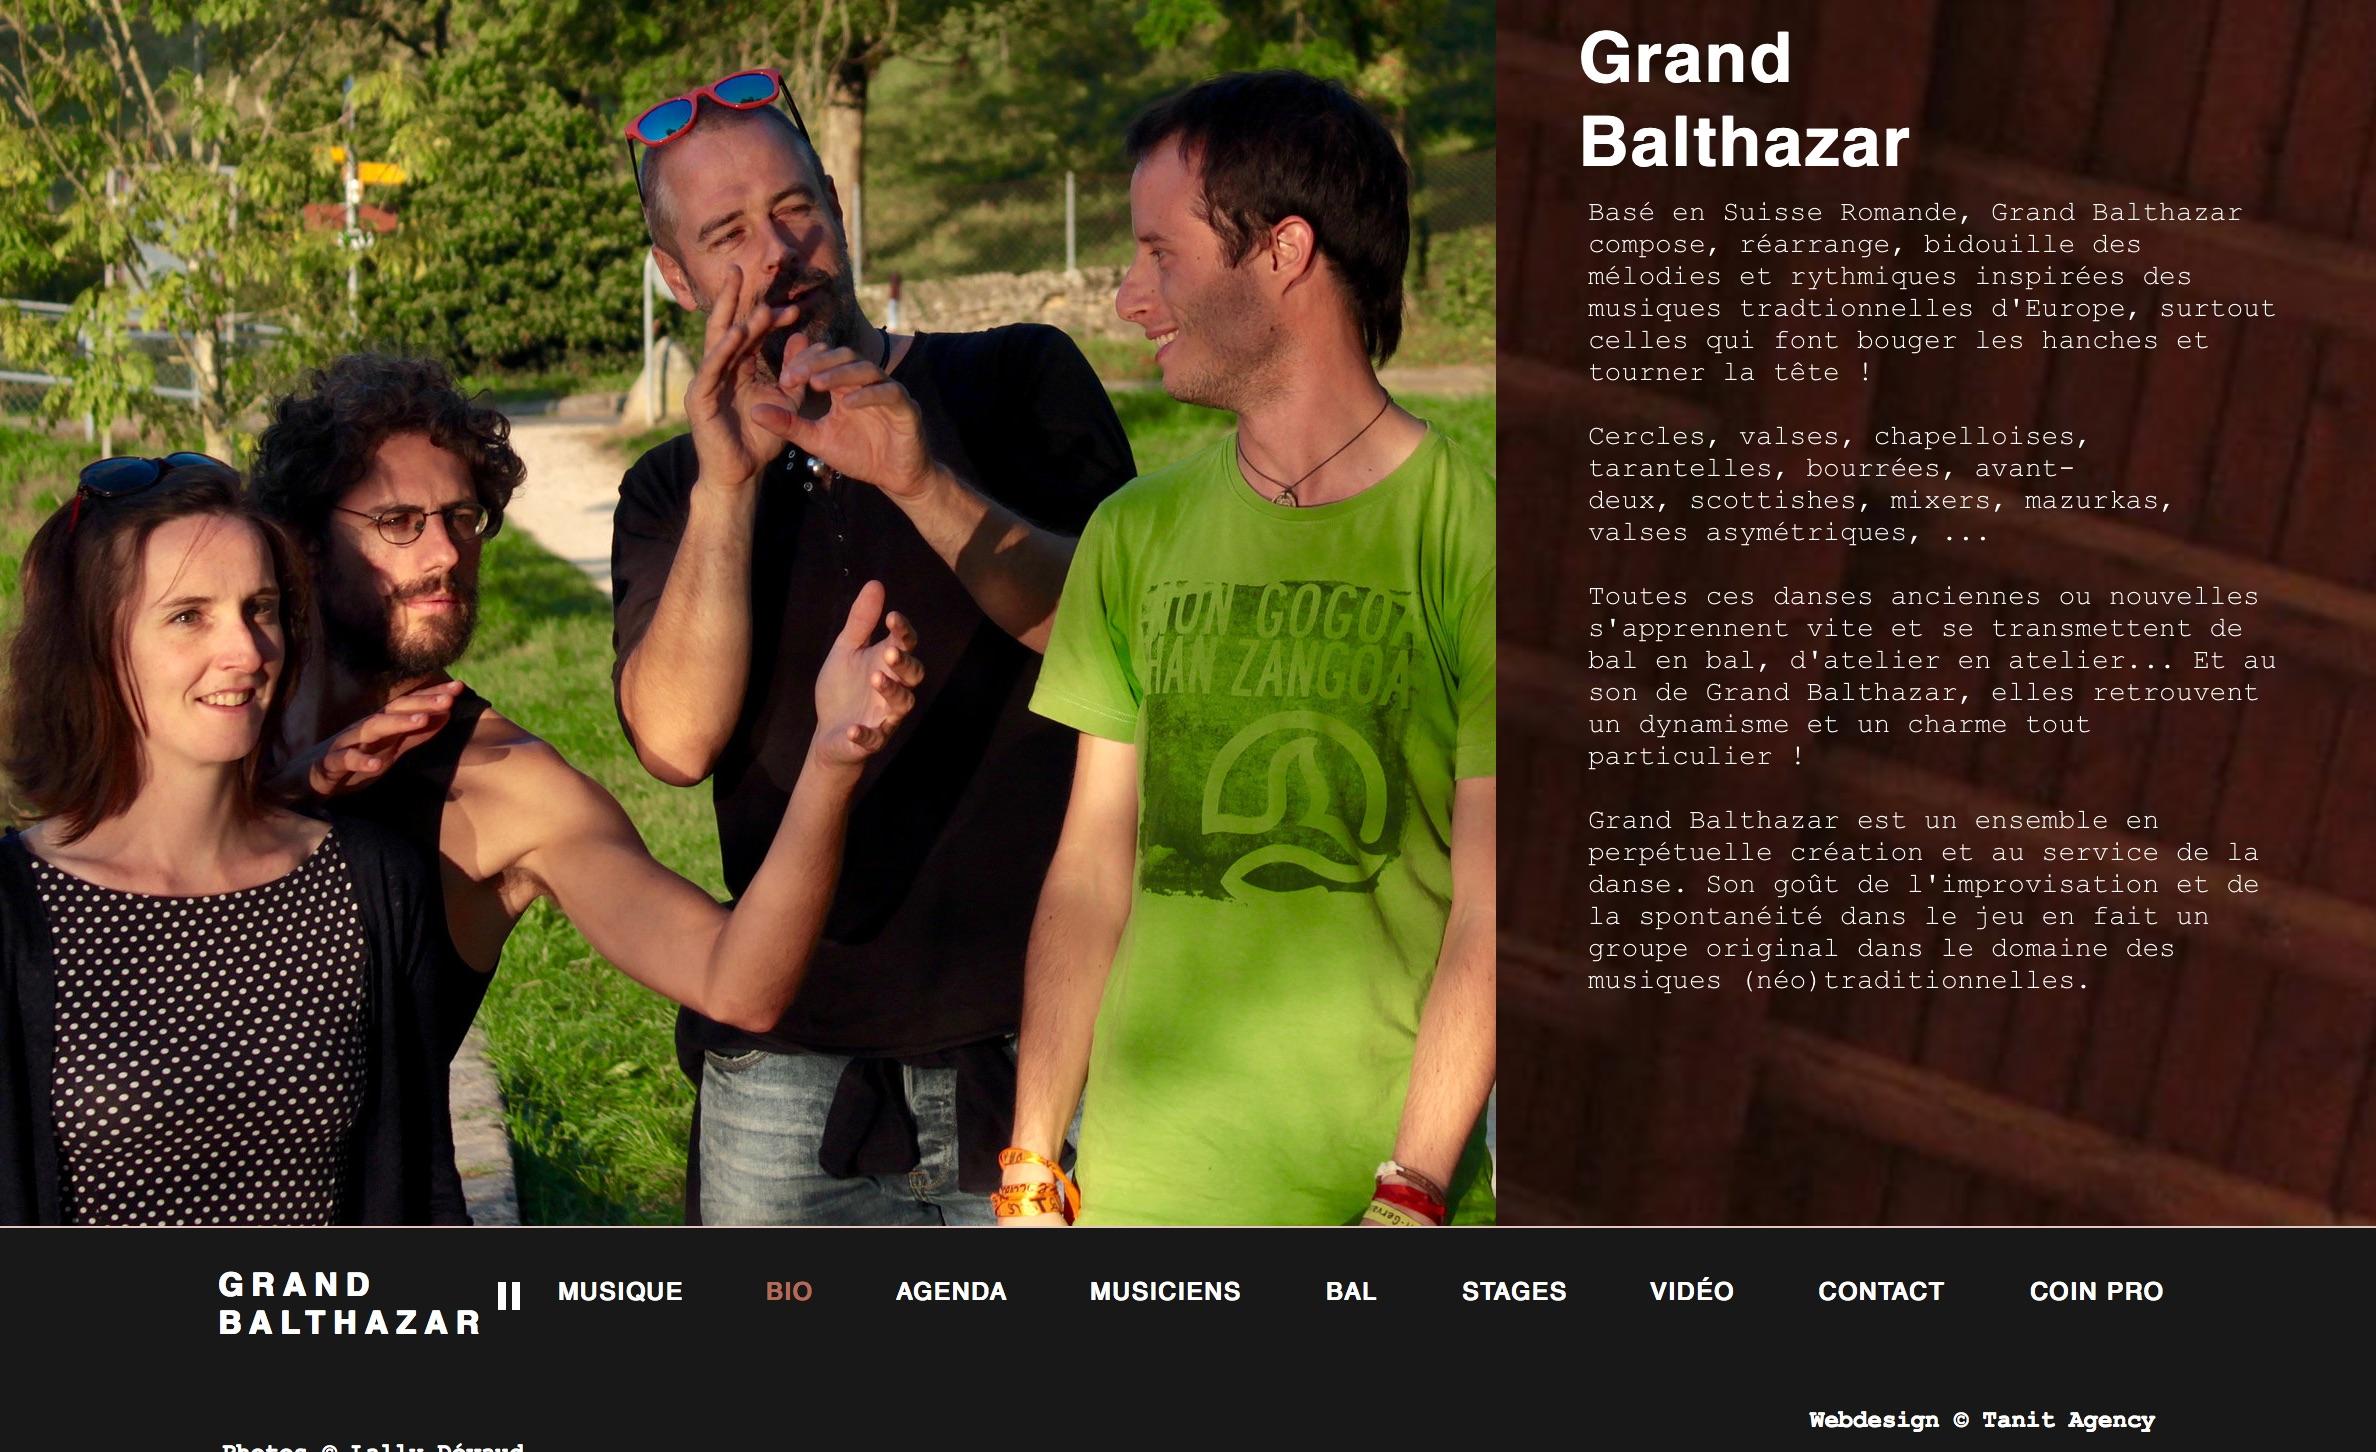 Grand Balthazar - Suisse